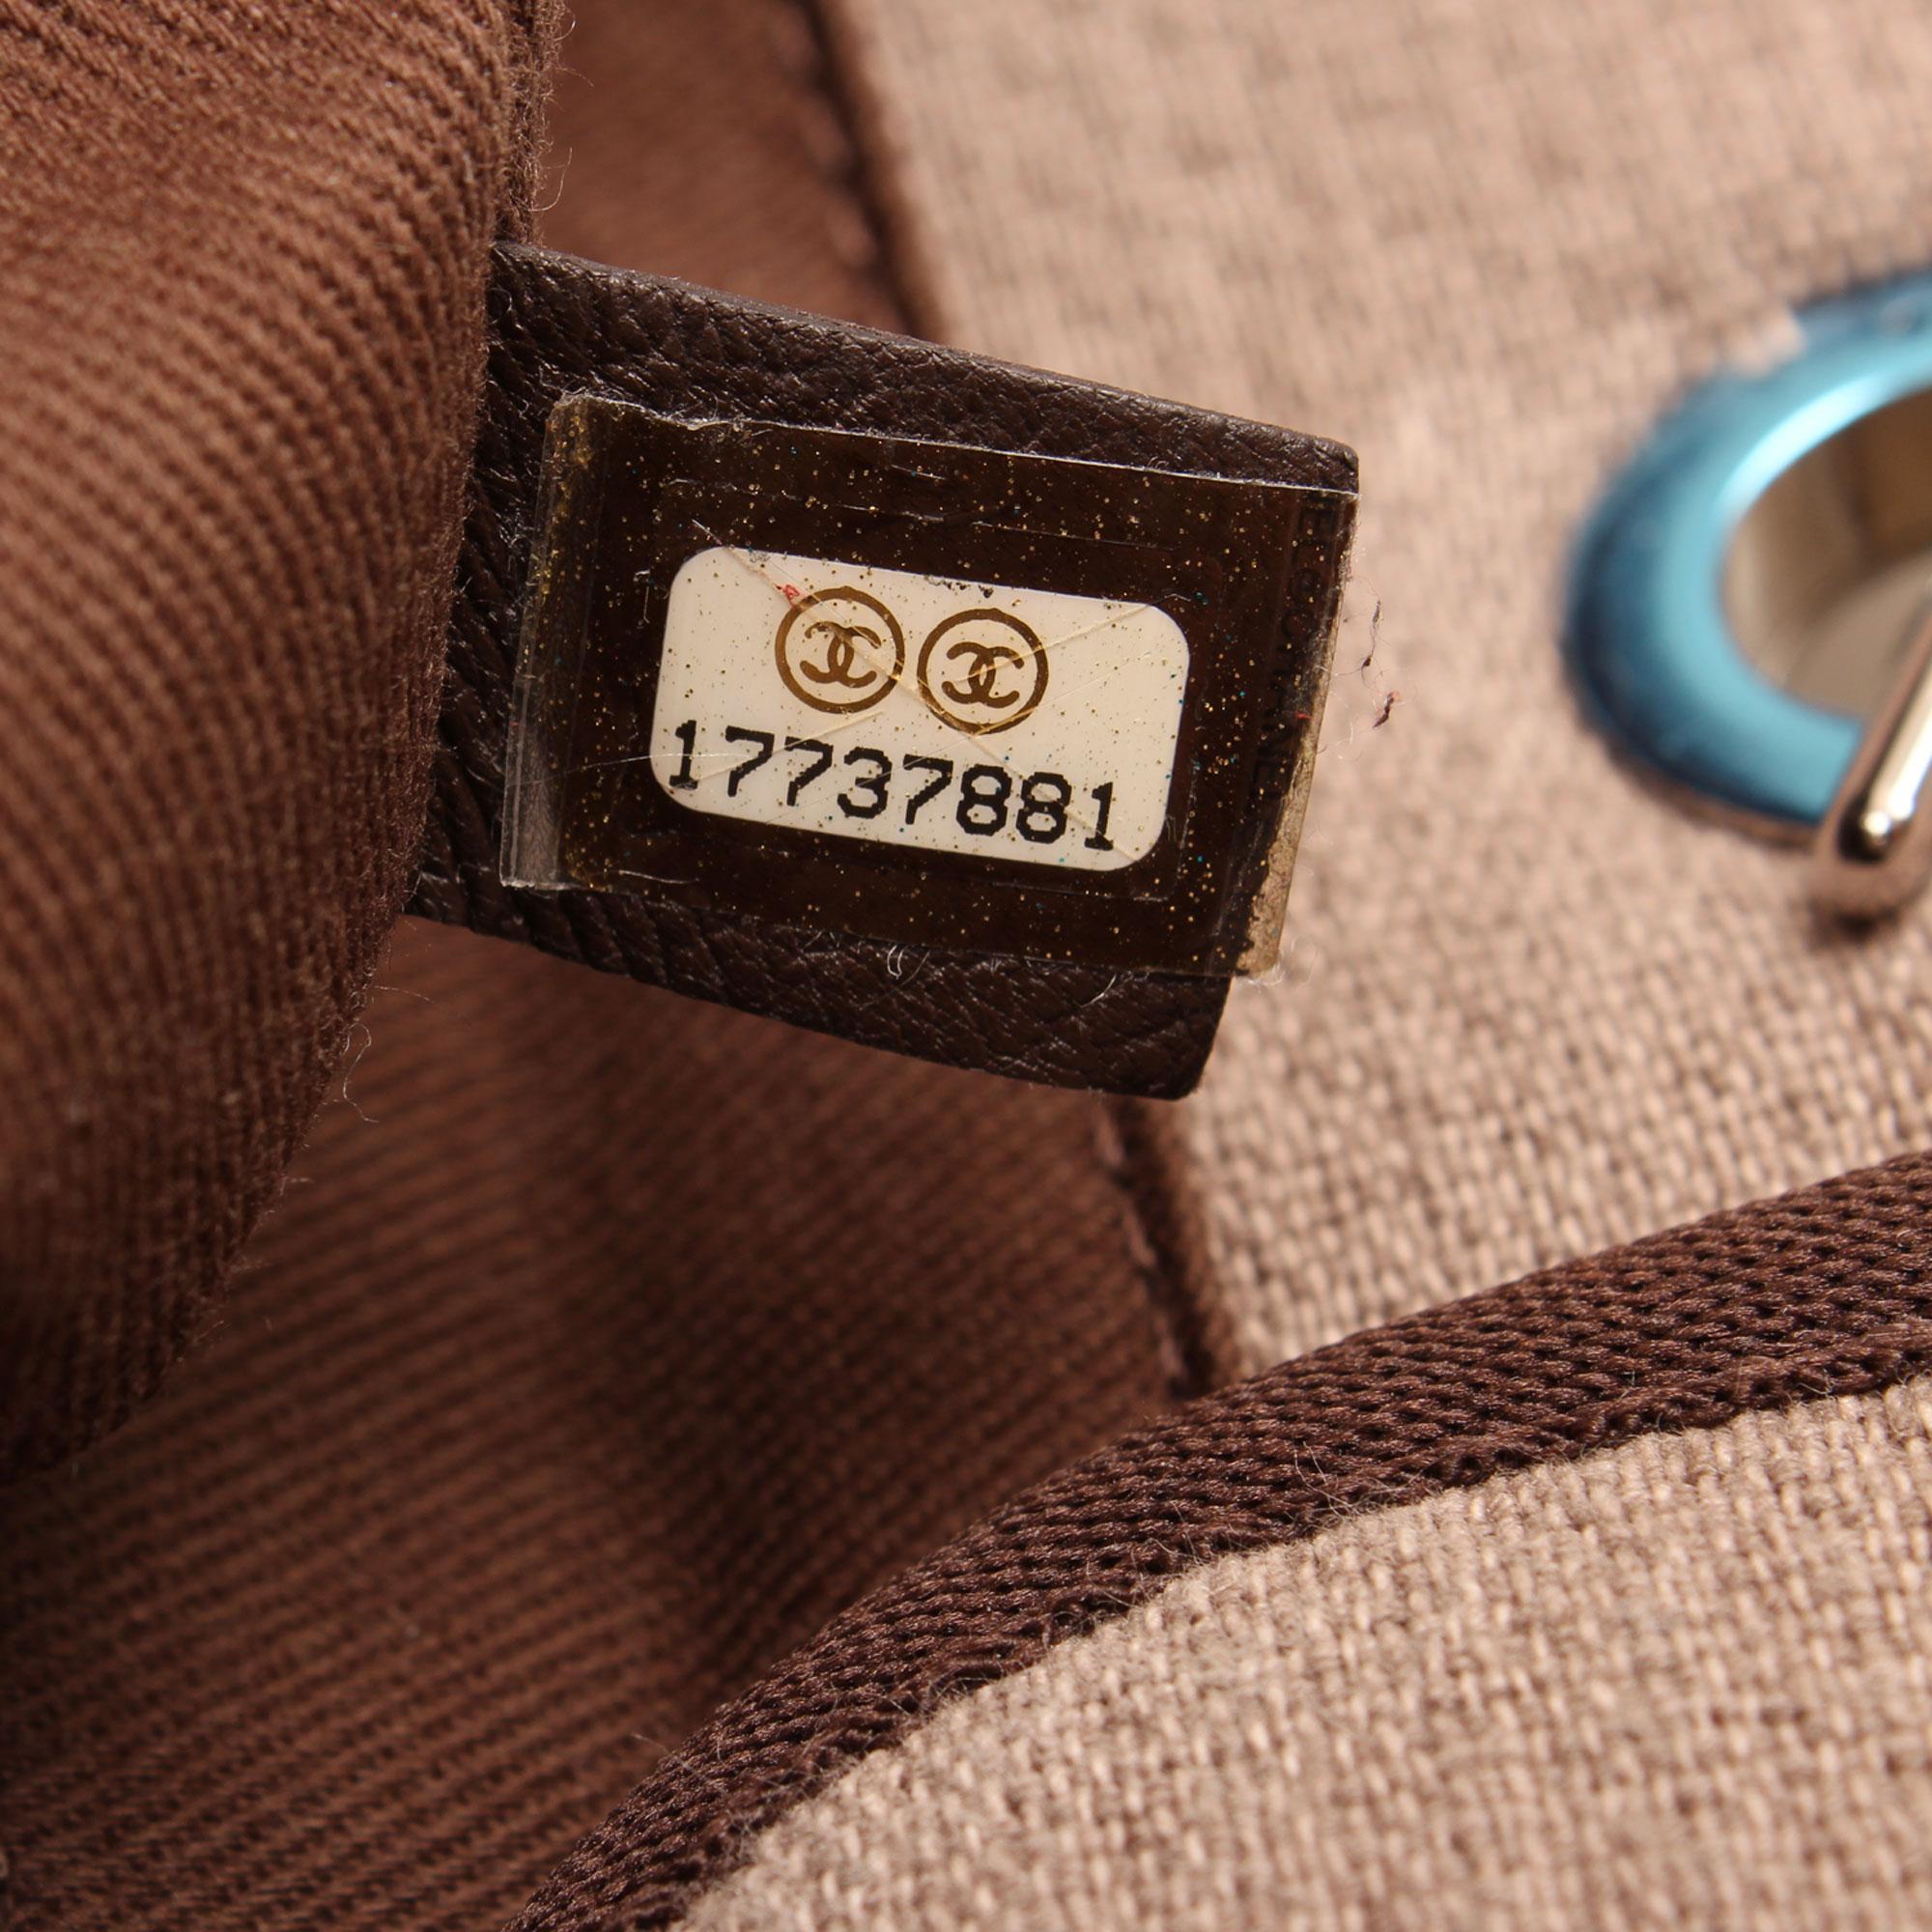 Imagen del serial number del bolso chanel ecru deauville tote serial